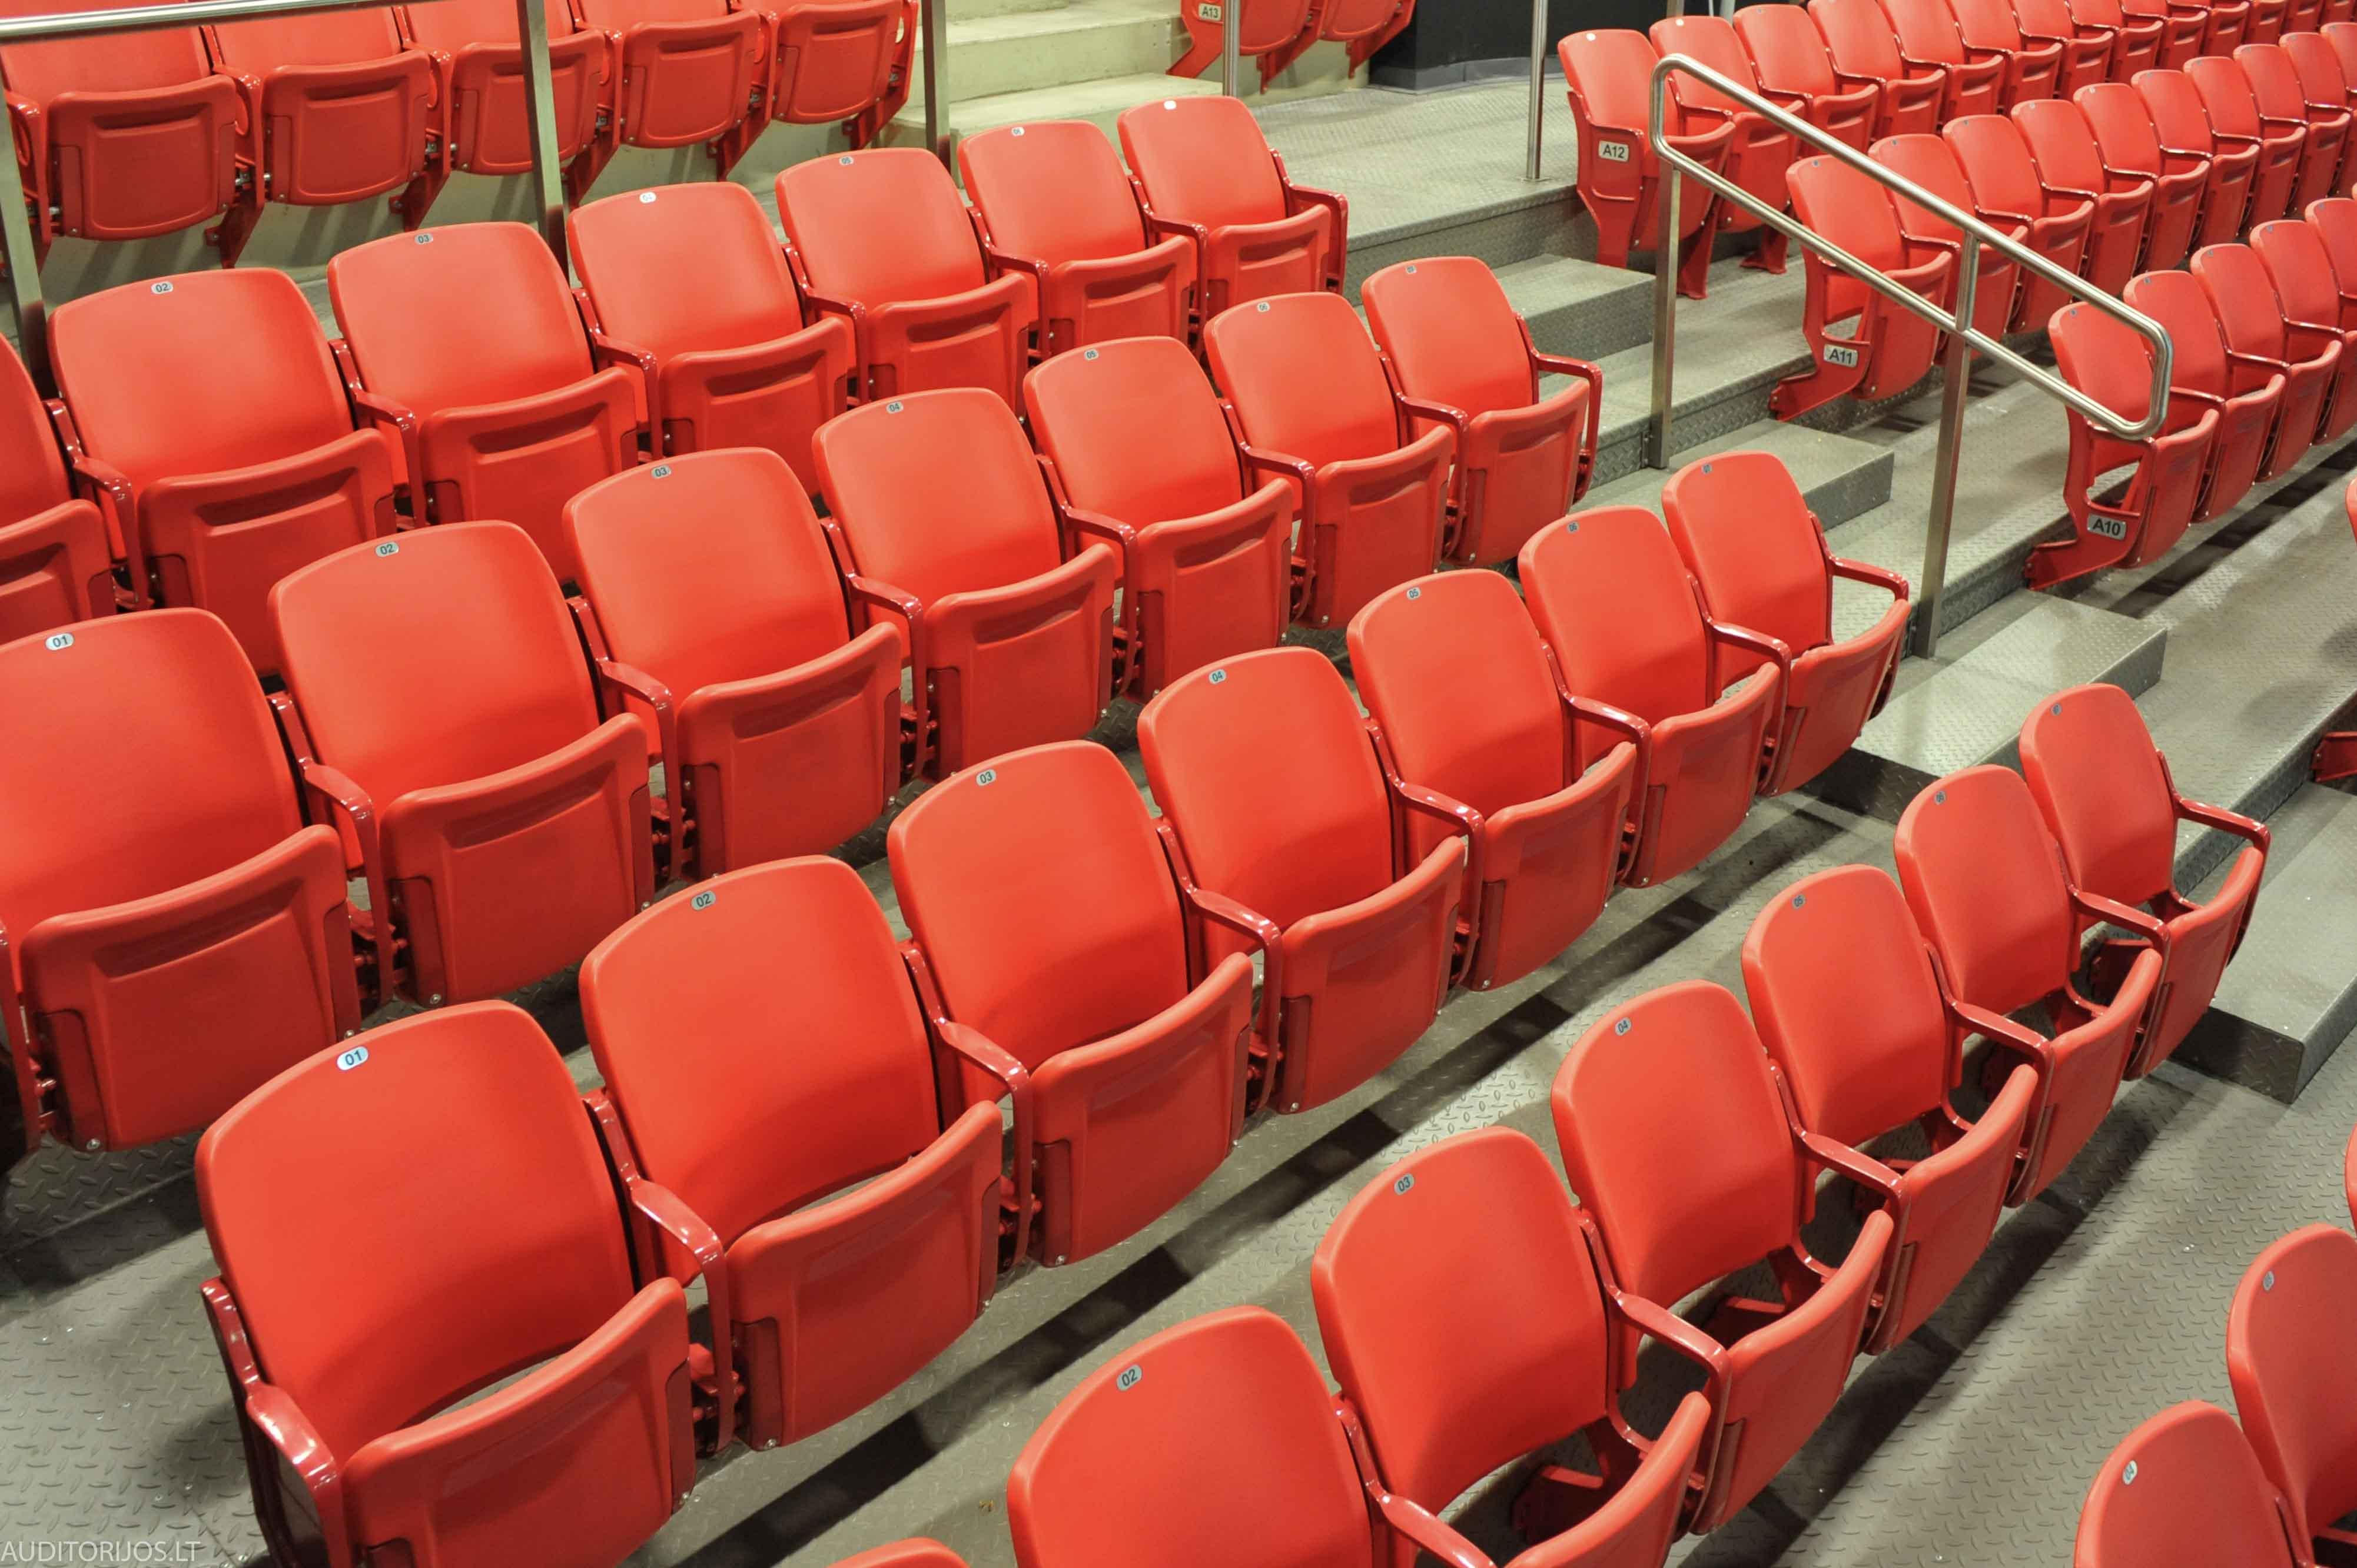 Lietuvos Rytas Arena Seating Vertika DSC_3323